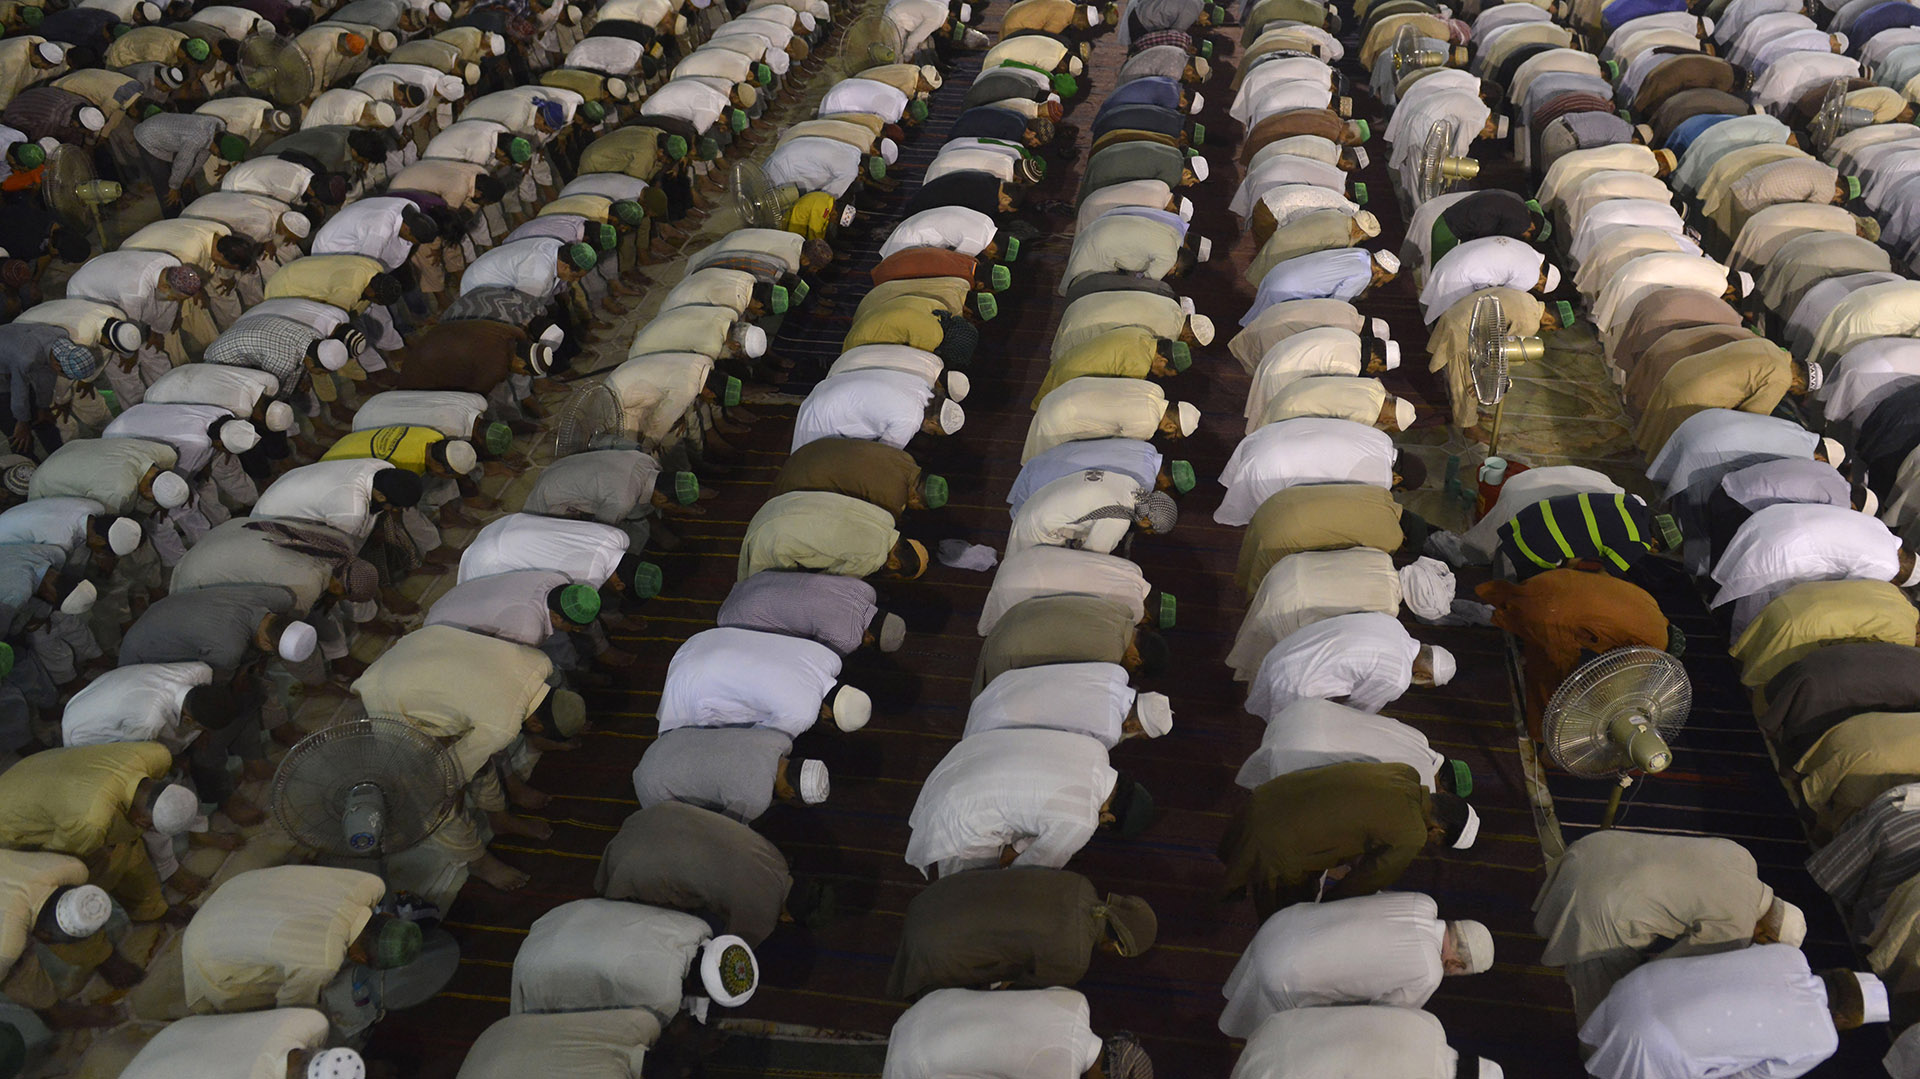 Los musulmanes dejan de realizar todas estas actividades porque Alá así lo ha ordenado (AFP)